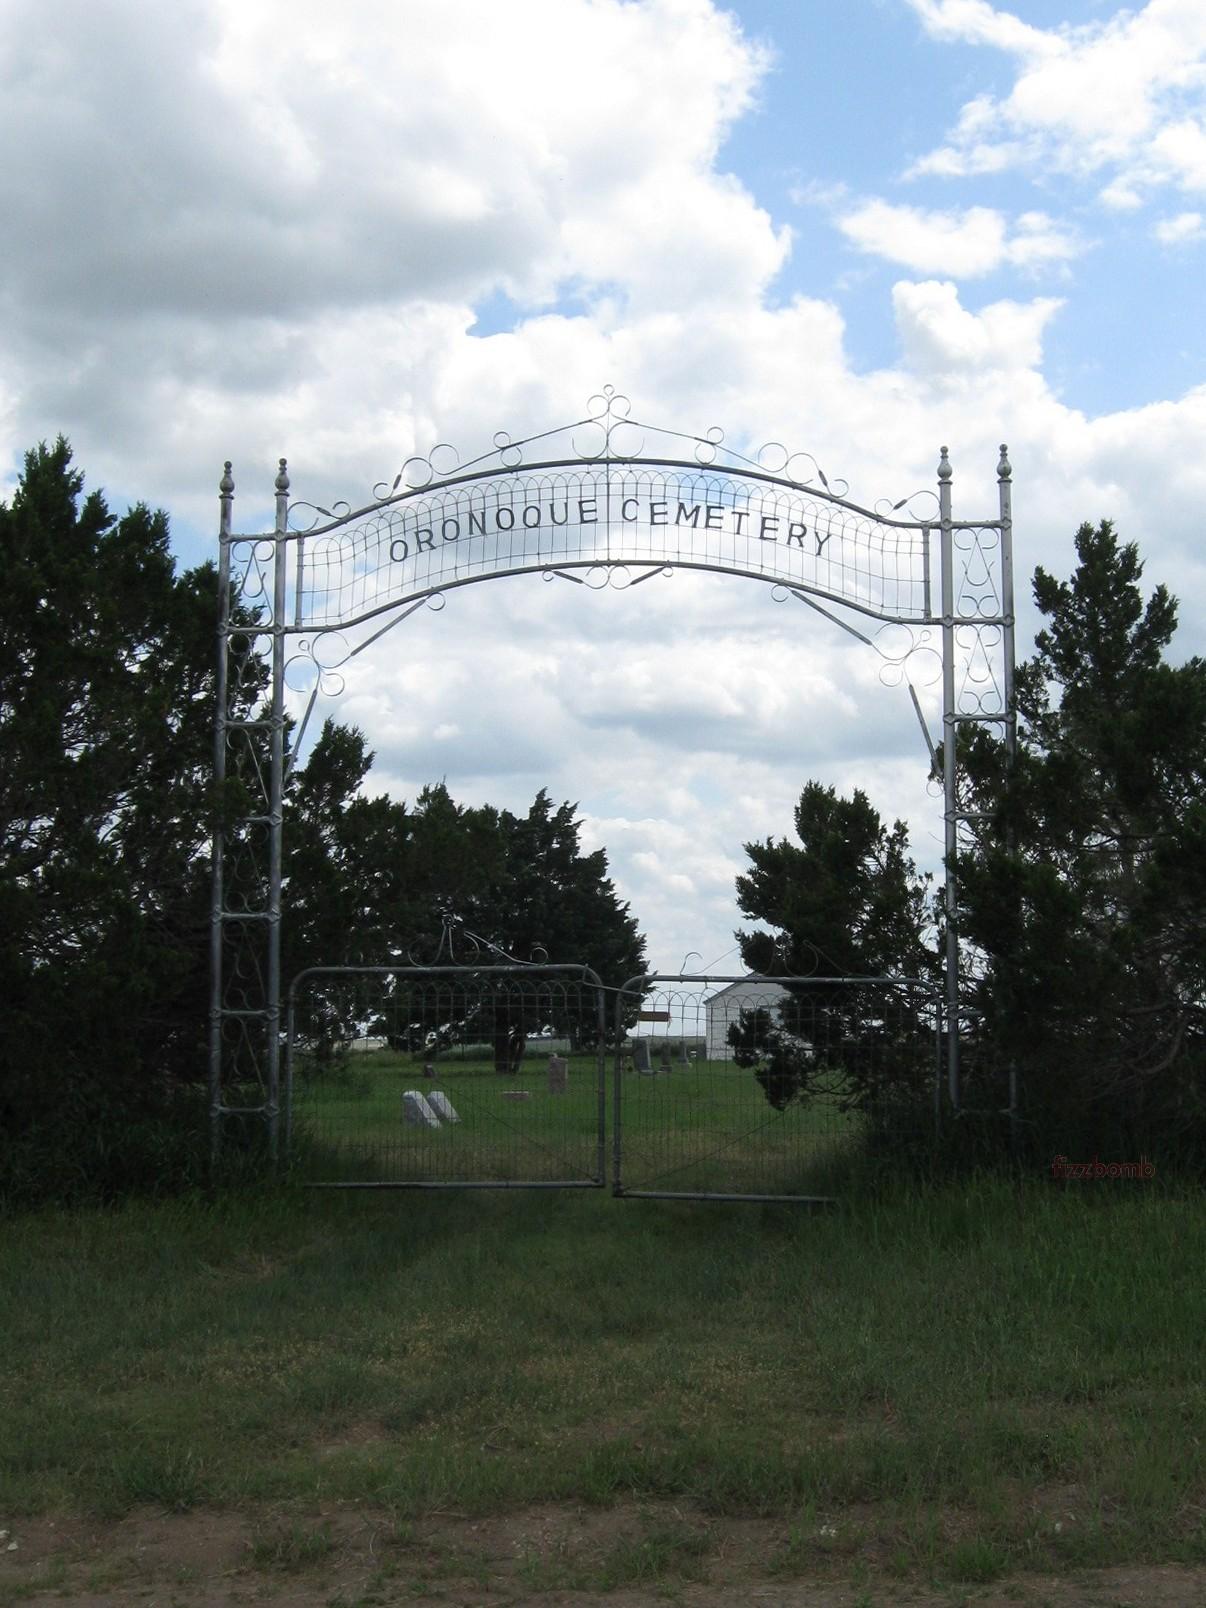 Photo of Oronoque Cemetery